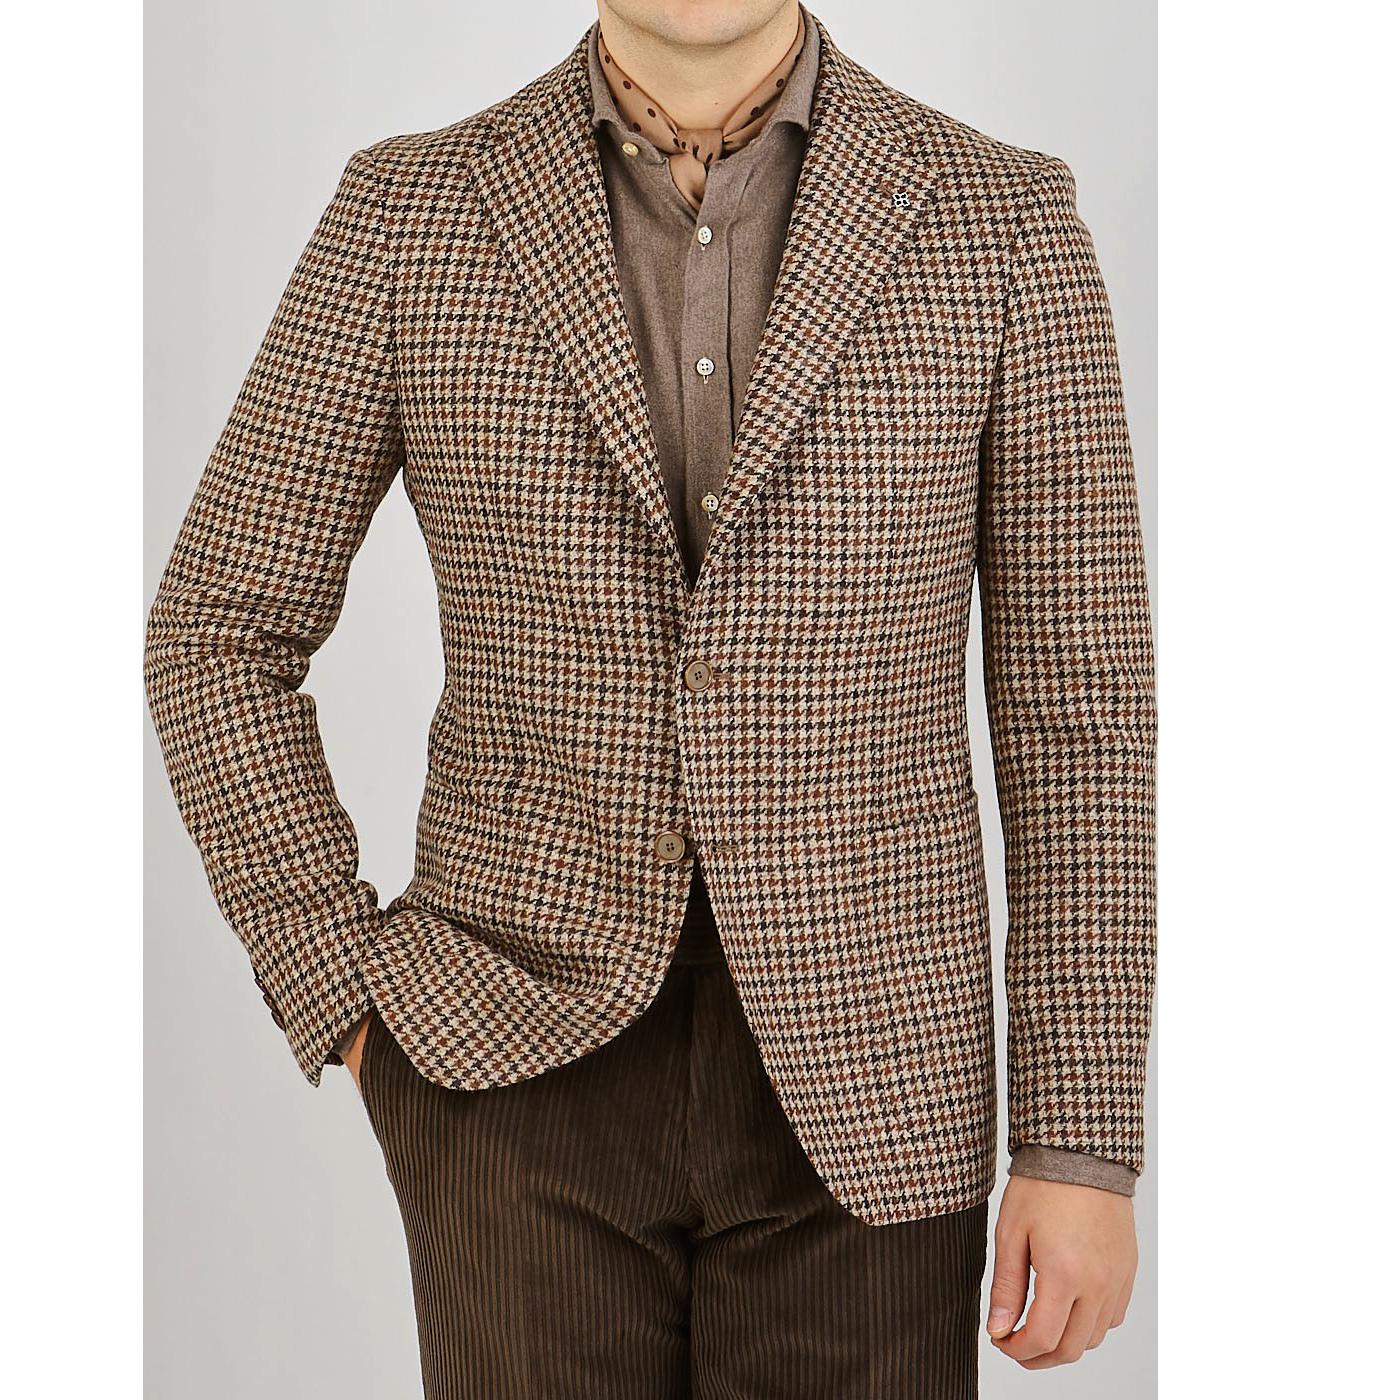 Tagliatore Beige Houndstooth Wool Tweed Vesuvio Blazer Front